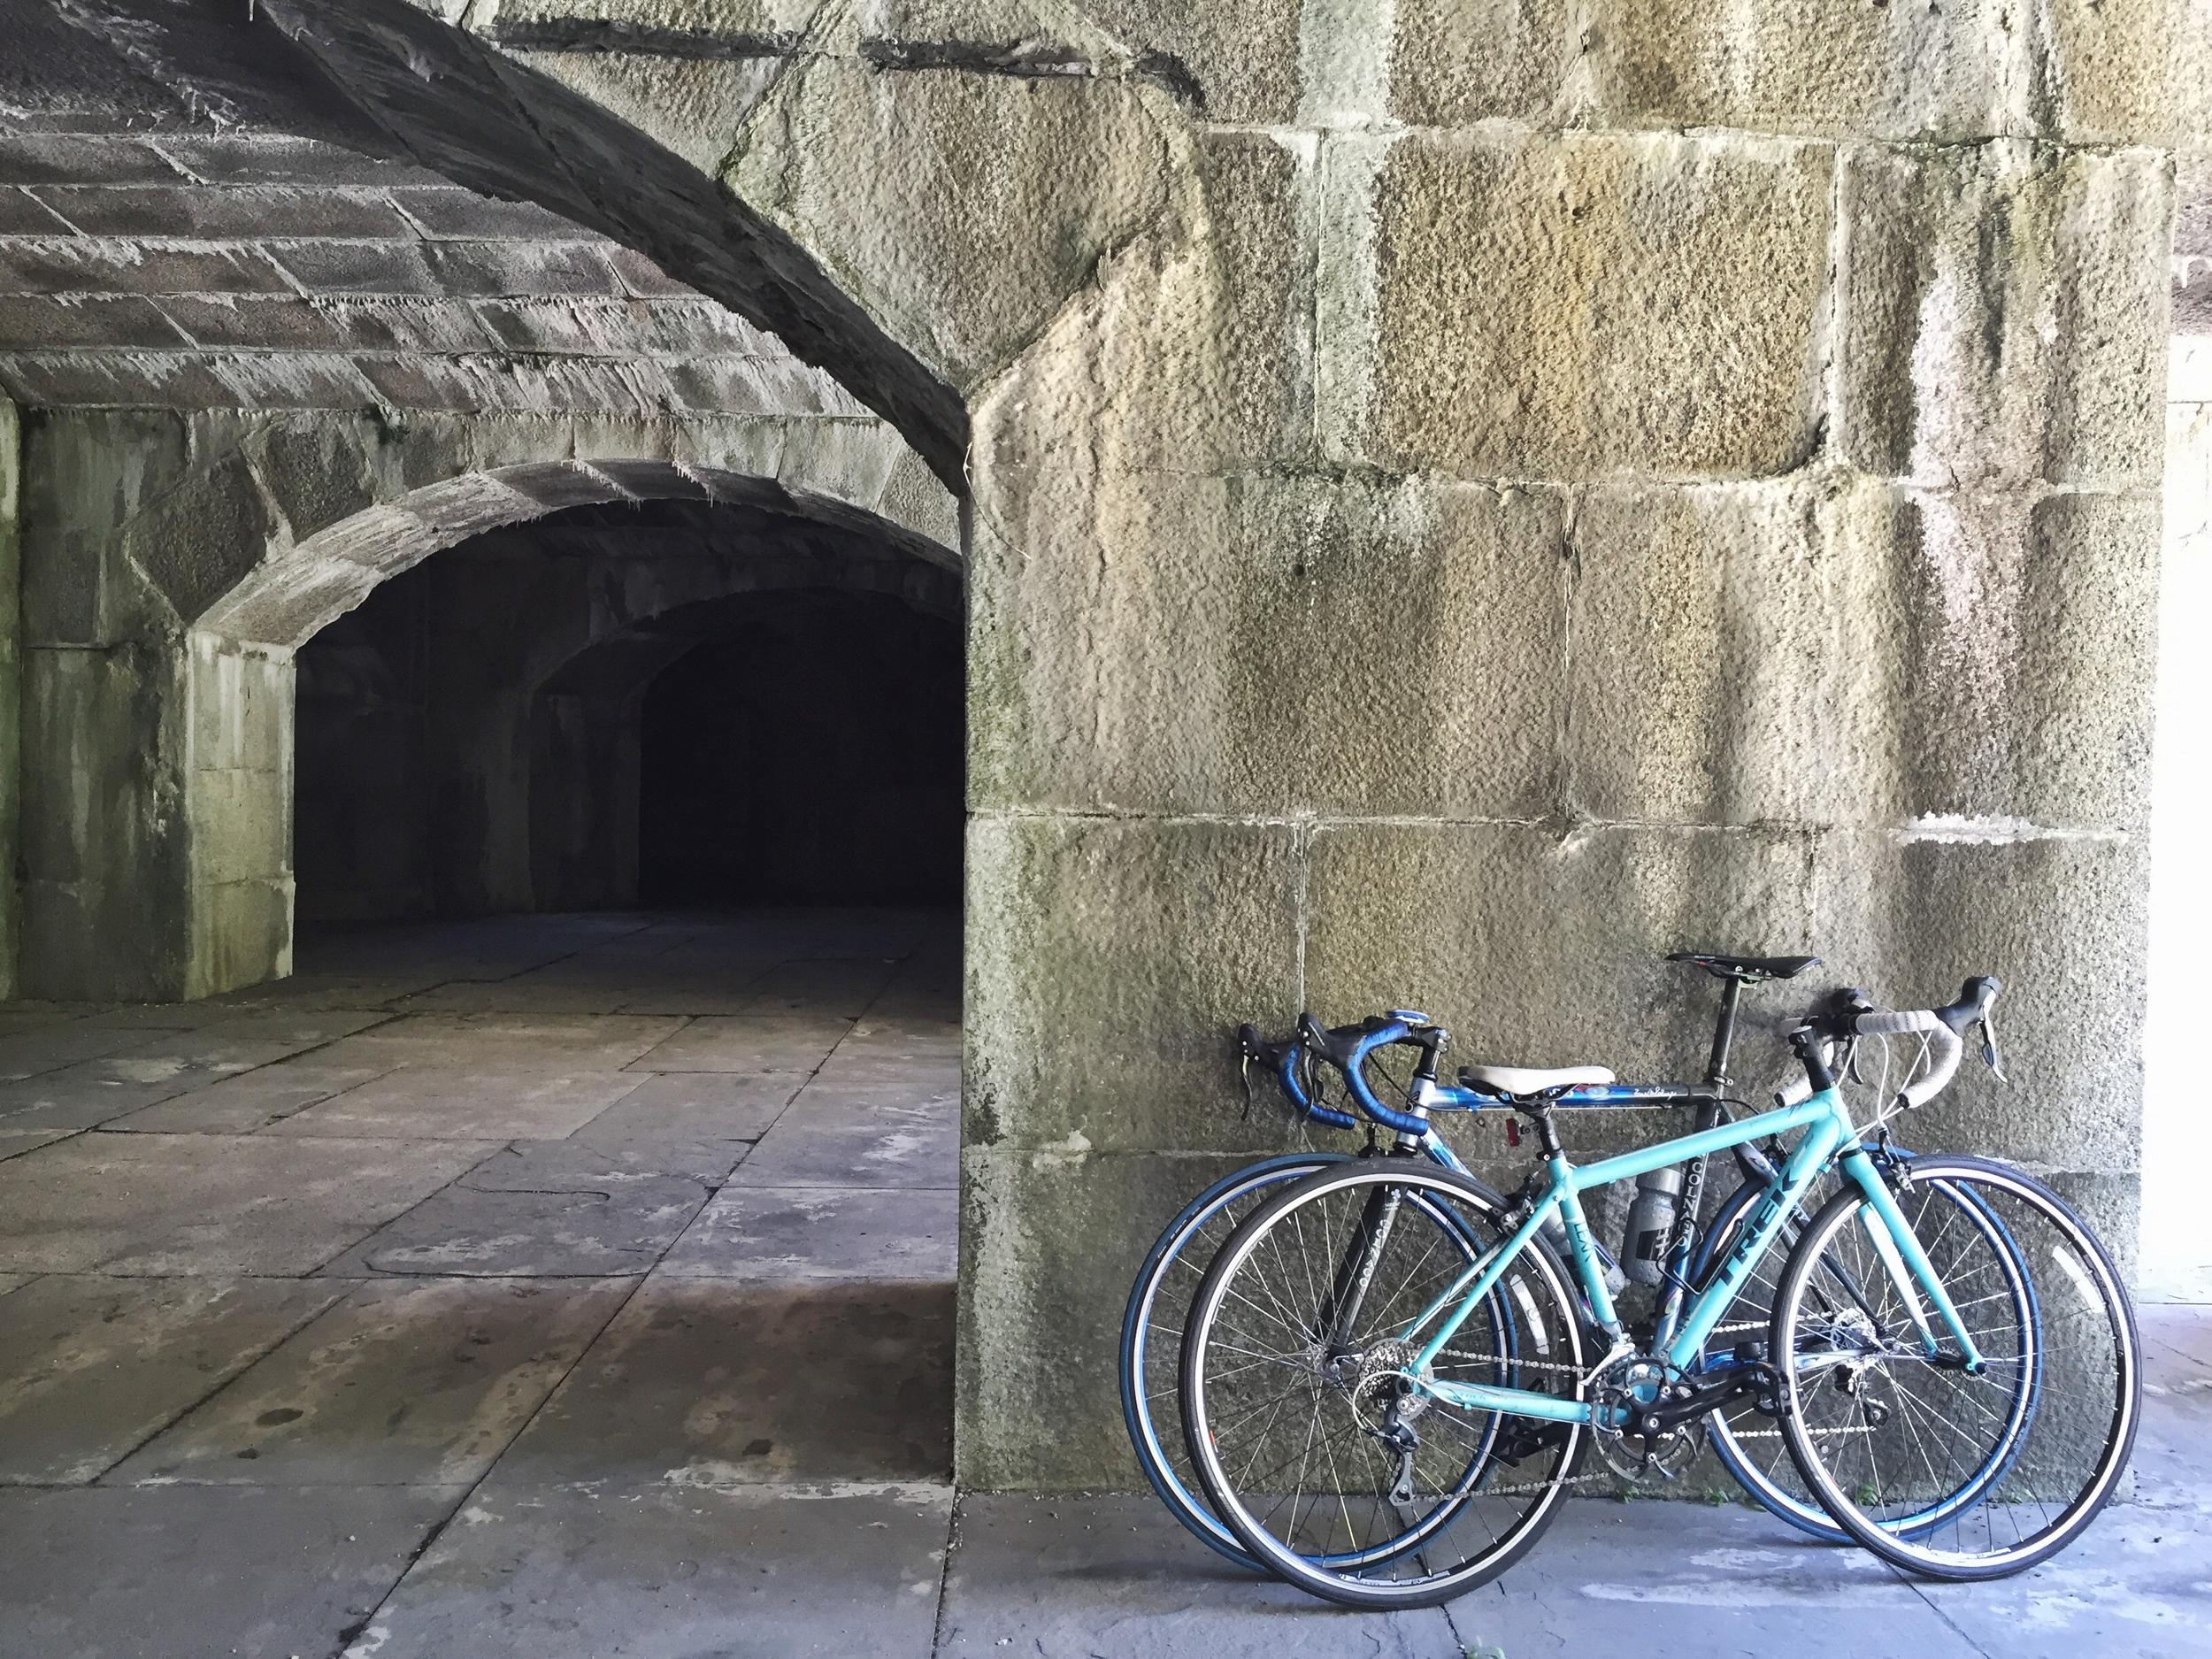 provencal-pan-bagnat-fort-totten-bikes